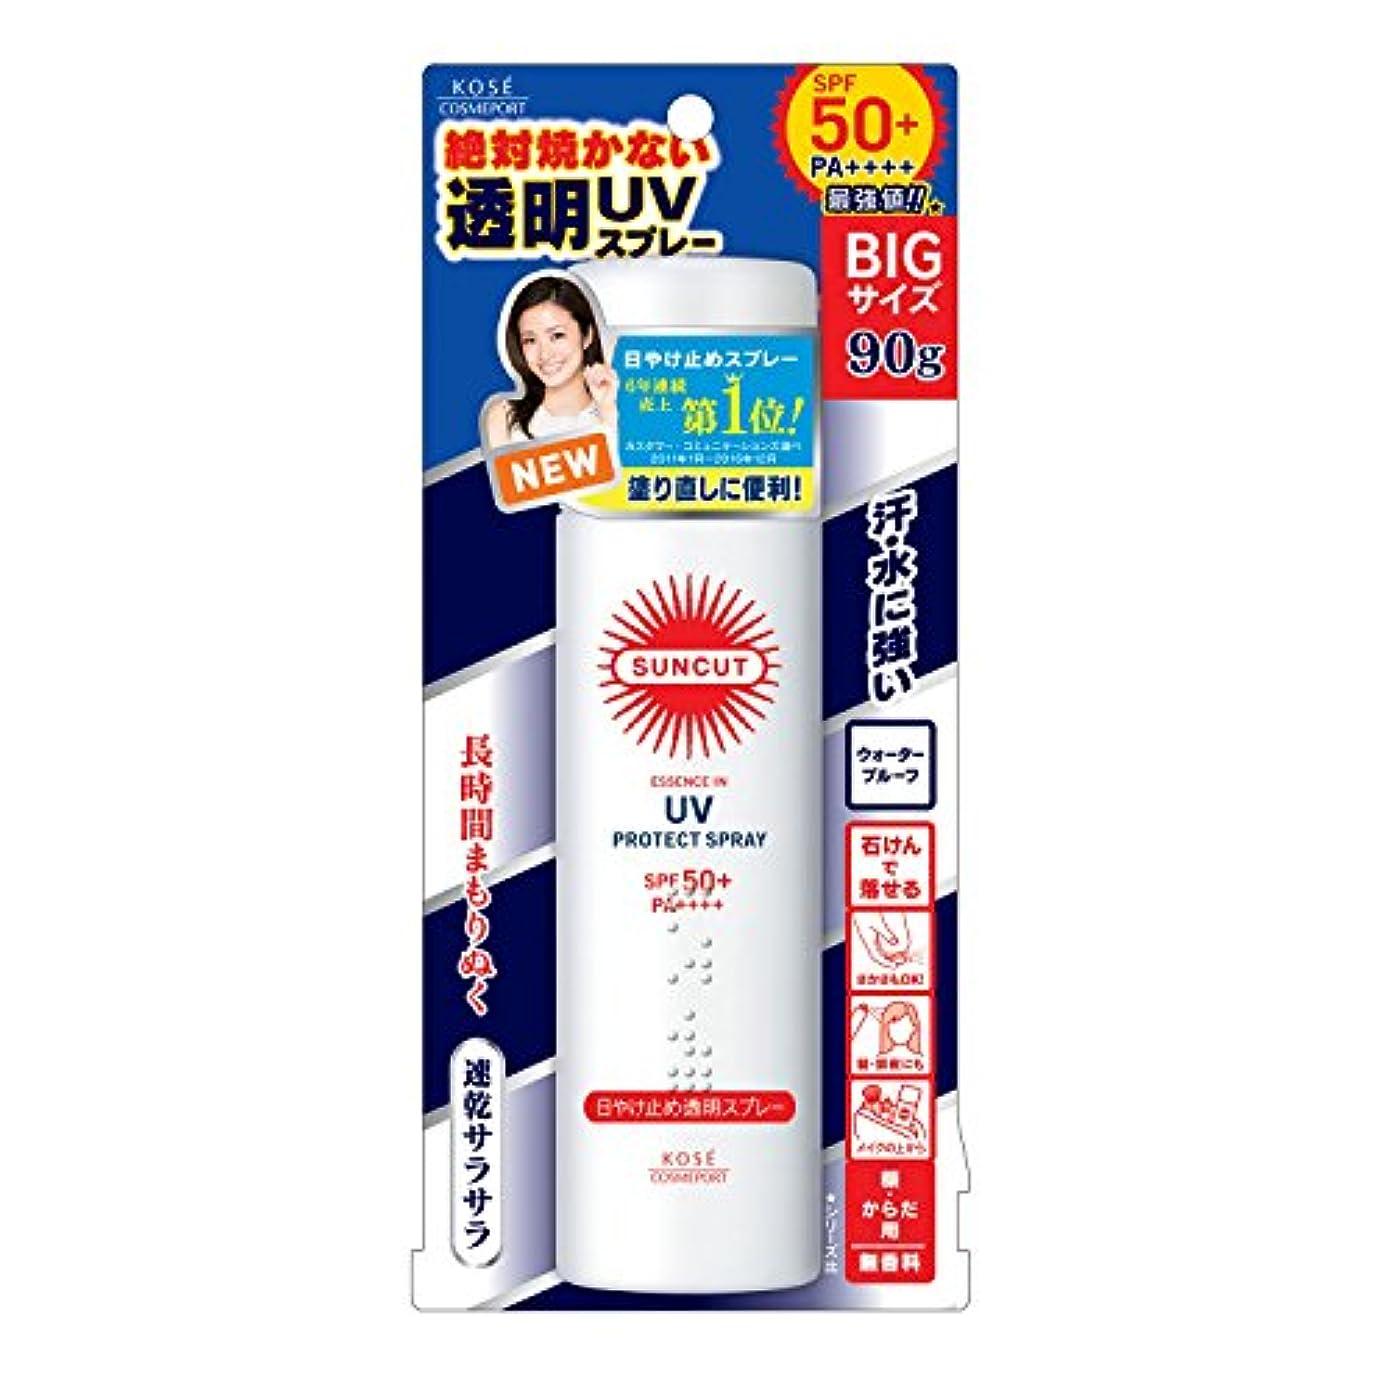 申請者計算安心させるKOSE コーセー サンカット 日焼け止め 透明 スプレー 無香料 90g SPF50+ PA++++